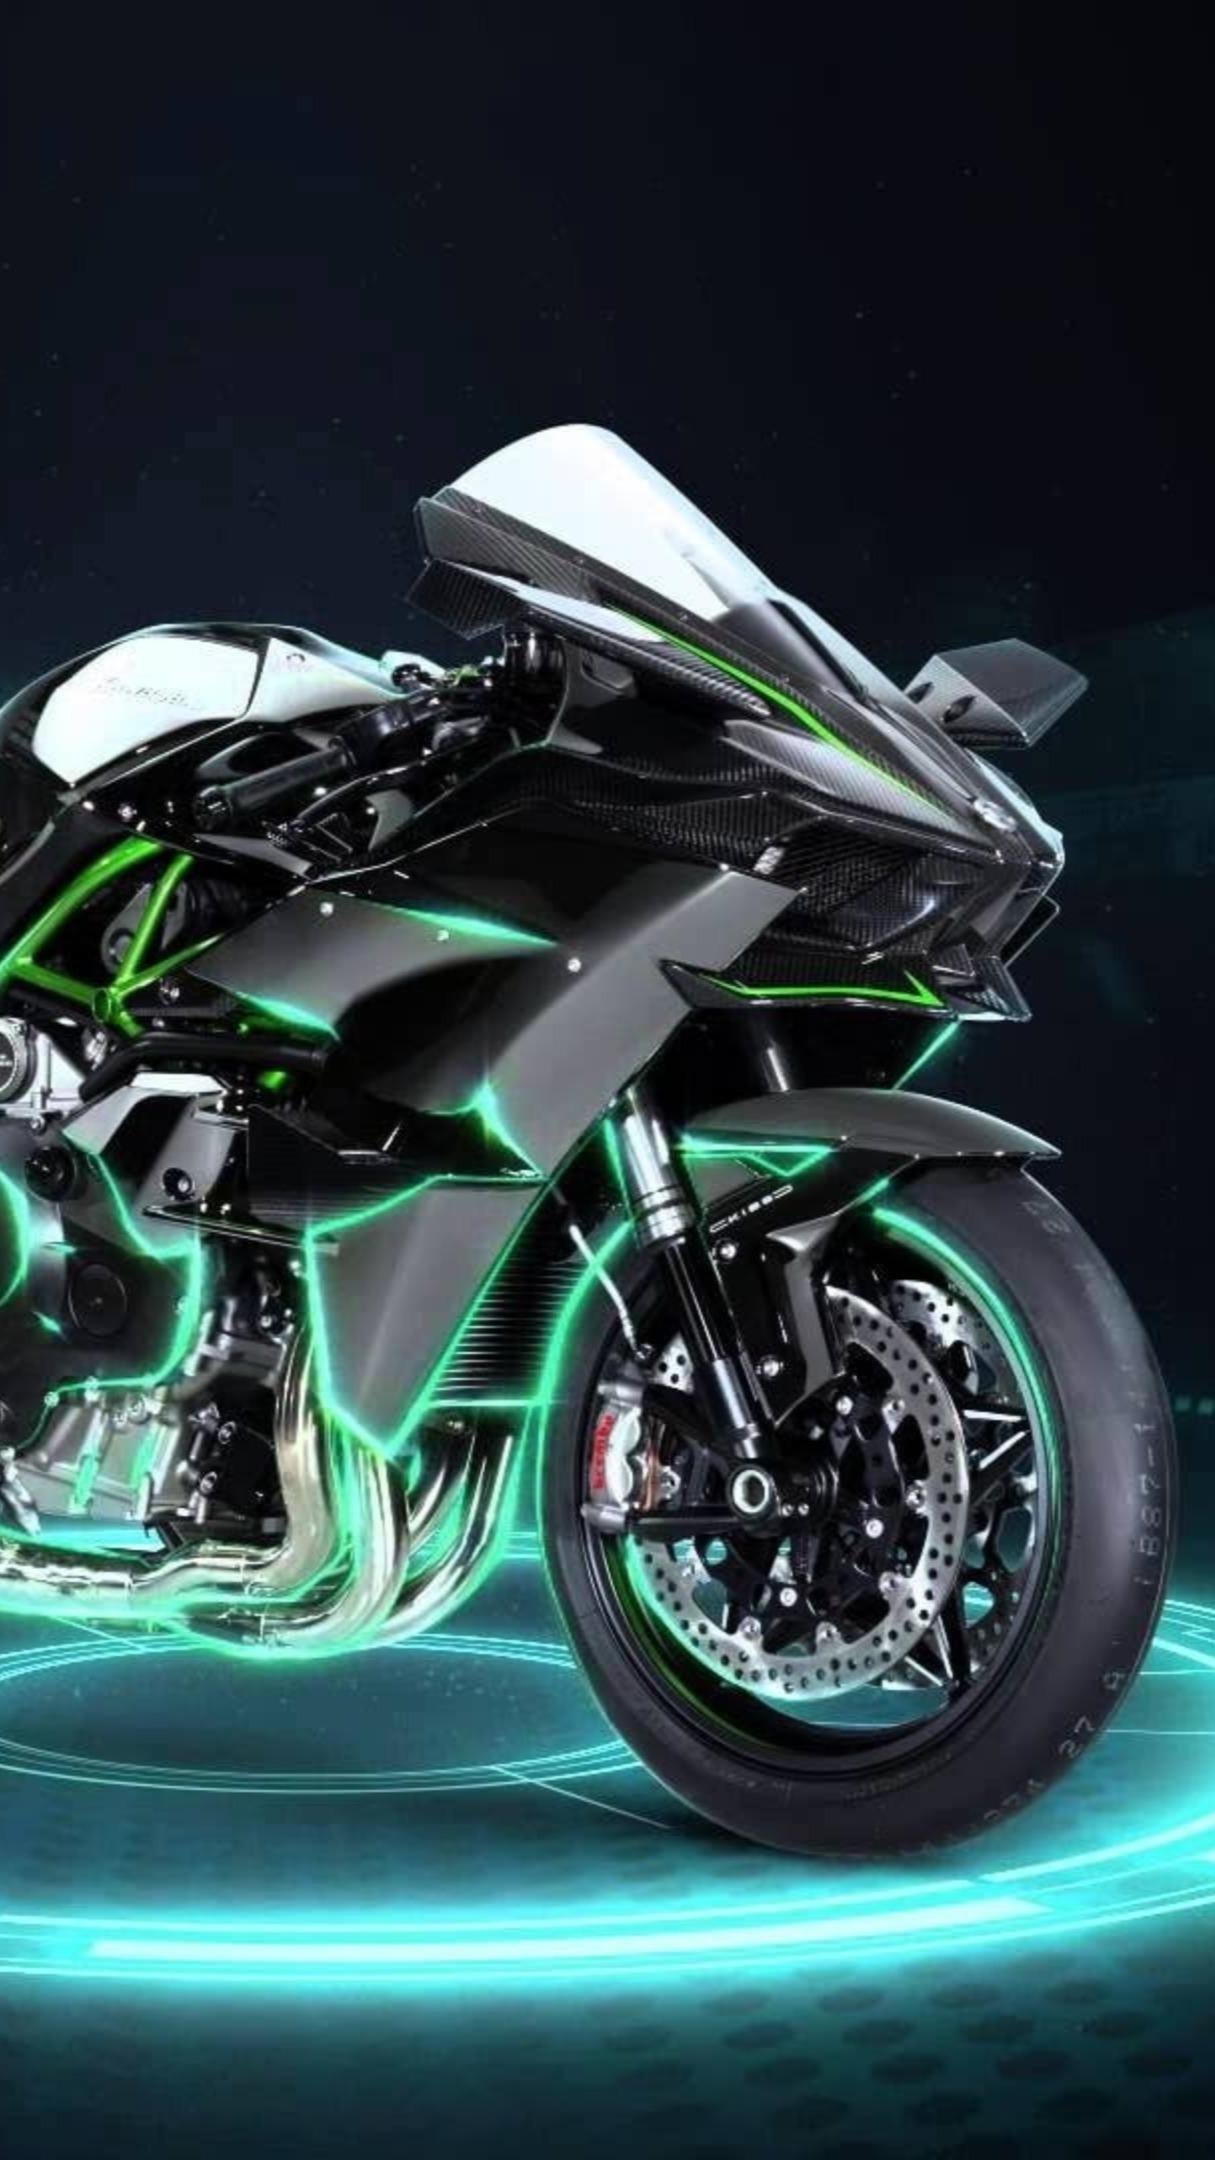 Scheda tecnica Kawasaki Ninja H2R: prezzo e caratteristiche